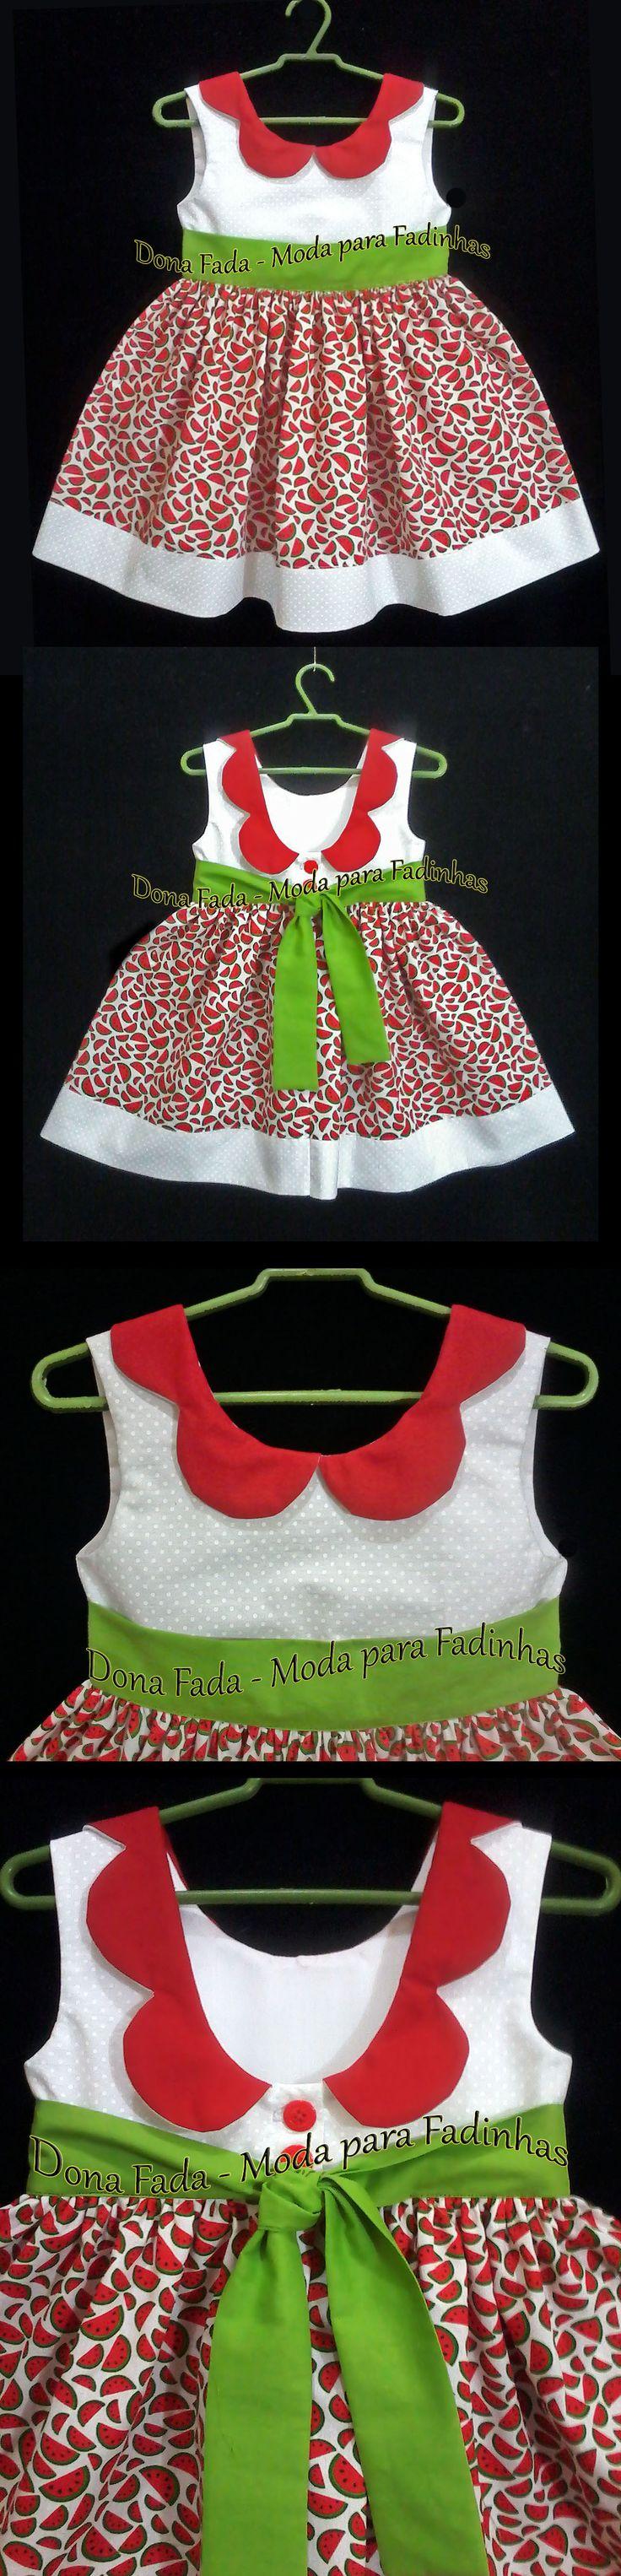 Vestido Melancias - 2 anos_______________baby - infant - toddler - kids - clothes for girls - - - https://www.facebook.com/dona.fada.moda.para.fadinhas/